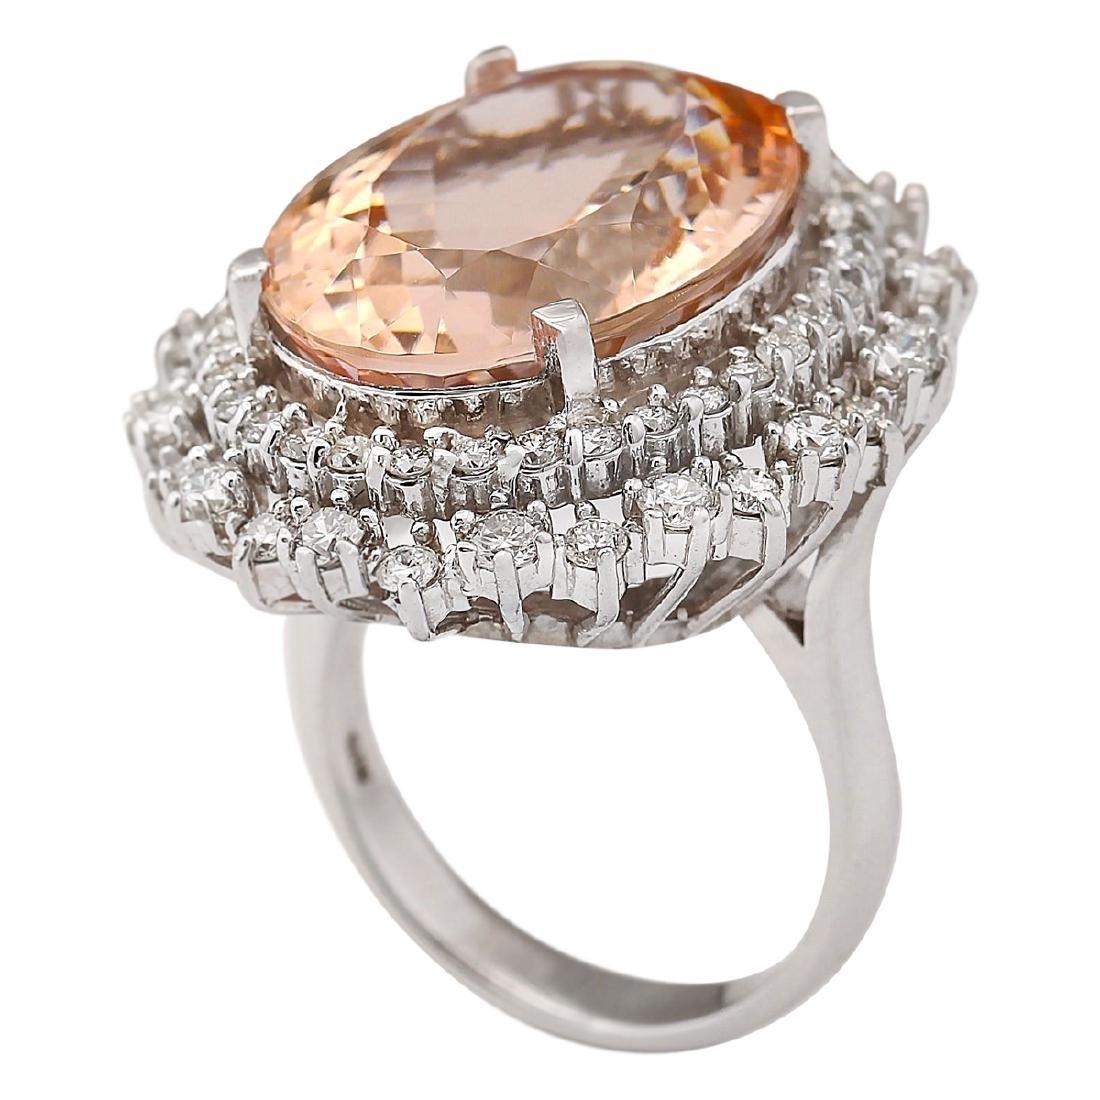 16.60 CTW Natural Morganite And Diamond Ring In 18K - 3